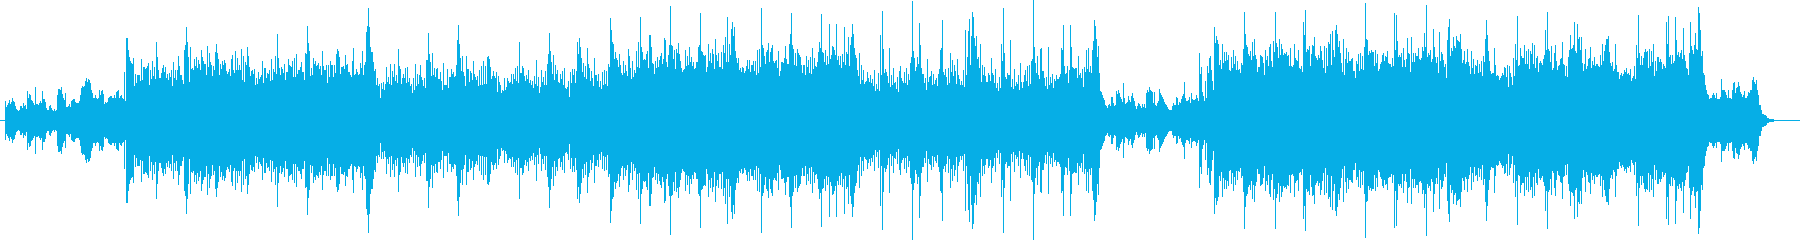 壮大で神秘的な和を感じるシンセの曲の再生済みの波形